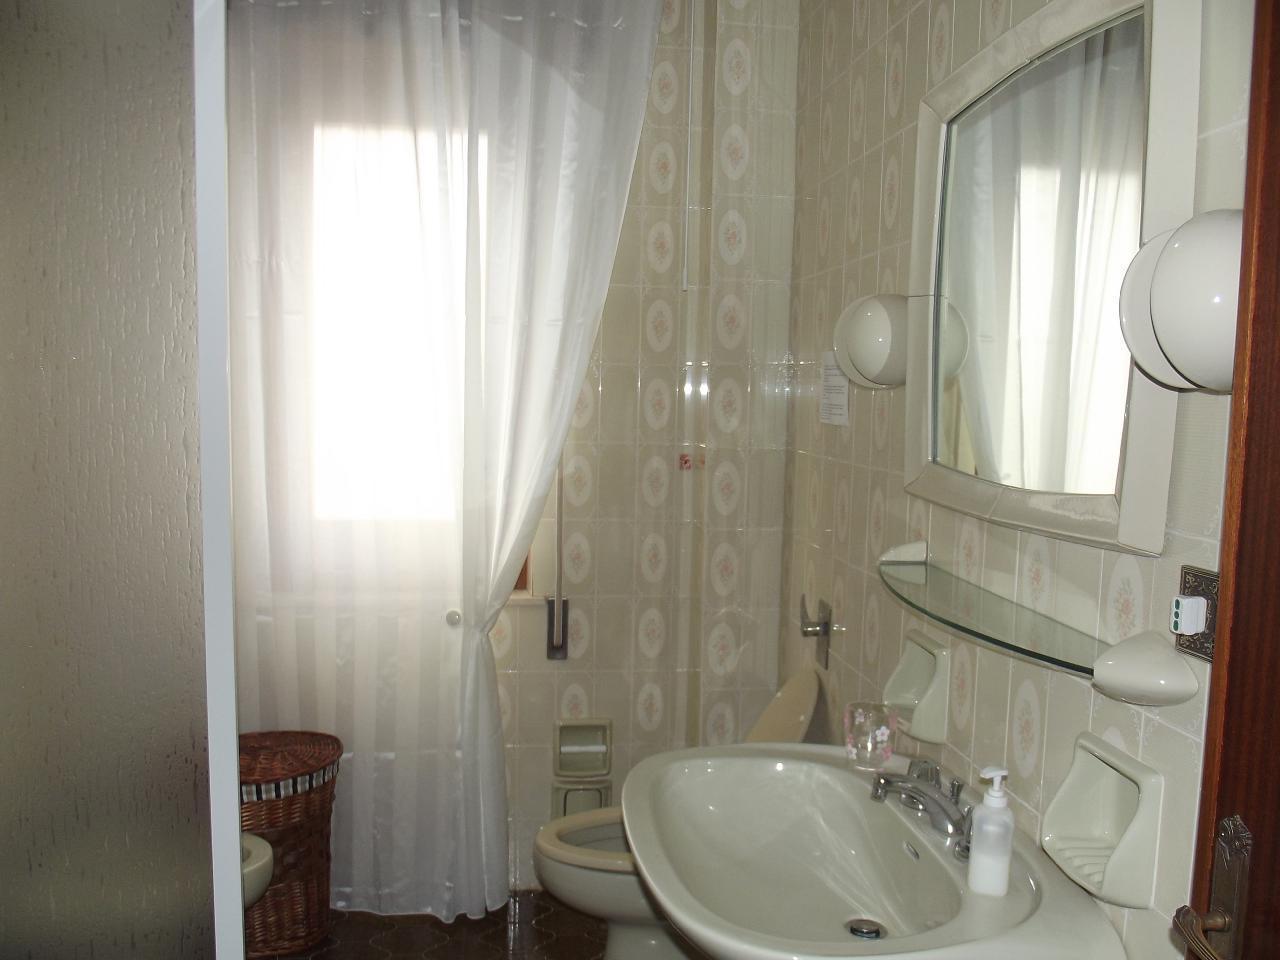 Appartement de vacances Silvy, Elegance Platz und Komfort (732206), Castellammare del Golfo, Trapani, Sicile, Italie, image 25